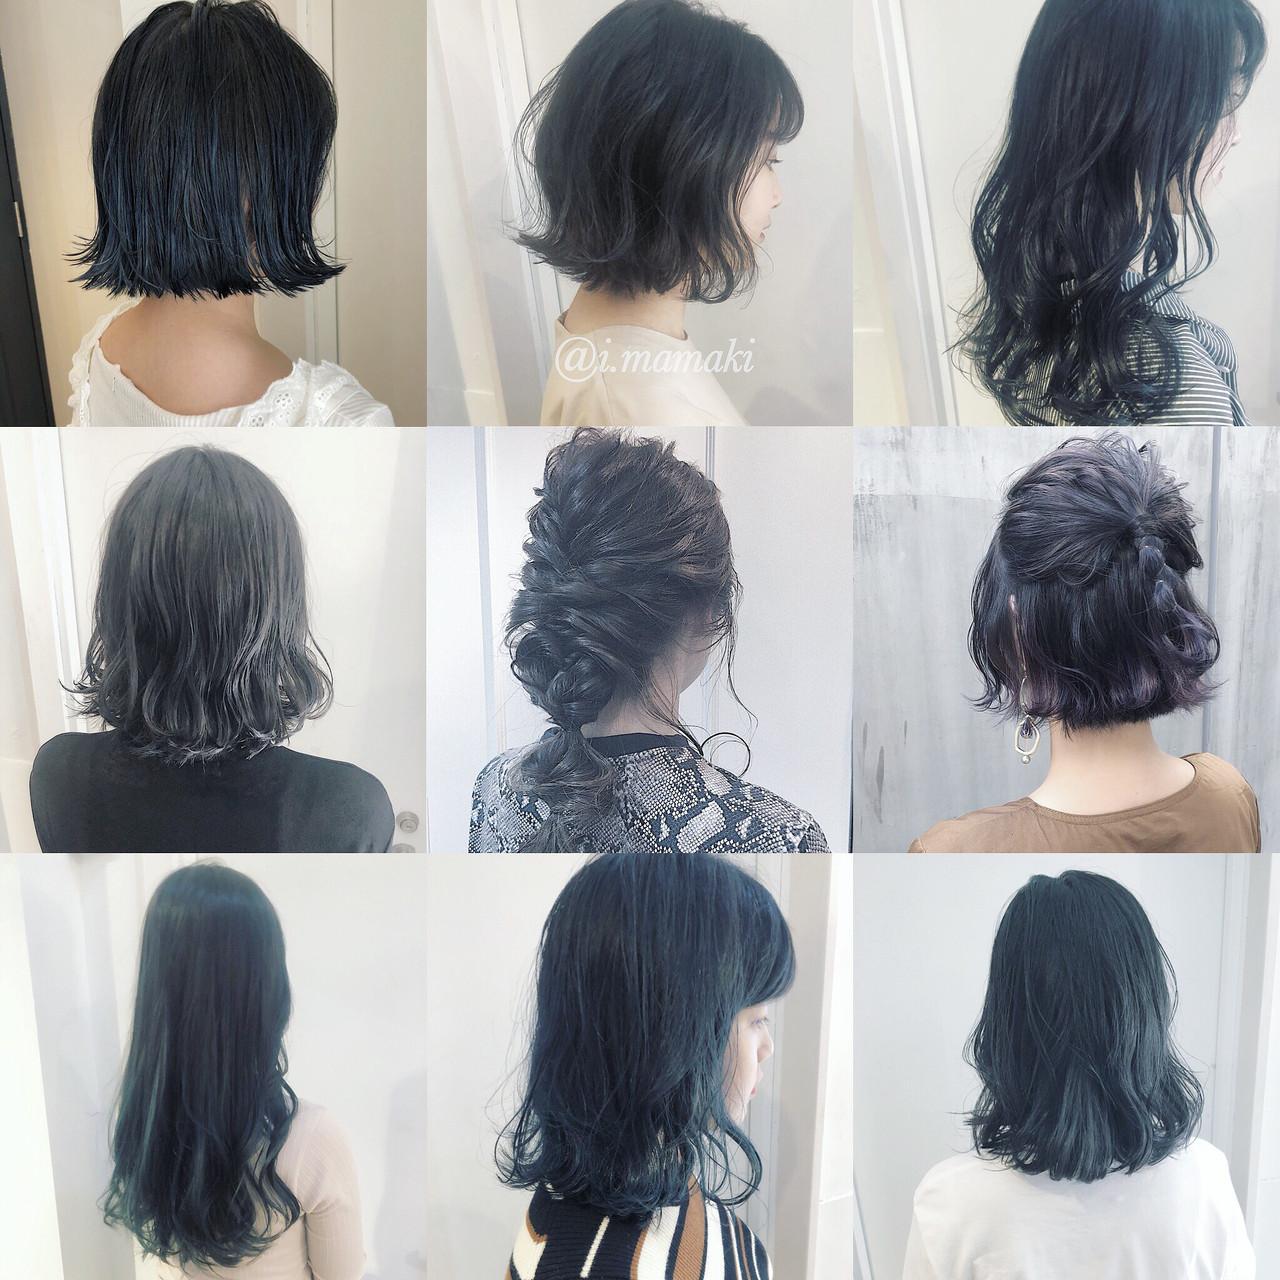 ナチュラル セミロング 透明感 渋谷系 ヘアスタイルや髪型の写真・画像 | 犬島麻姫子 / fosta